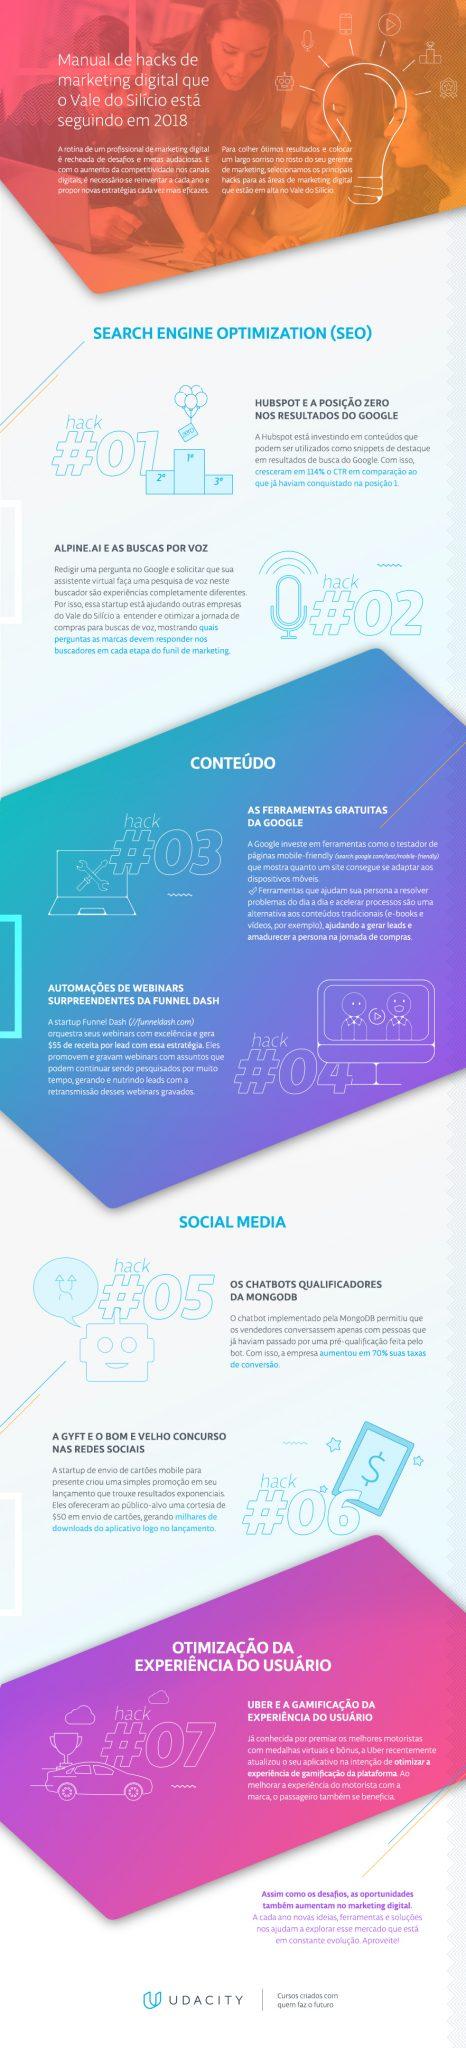 Infográfico com 7 hacks de marketing digital usados pelo Vale do Silício